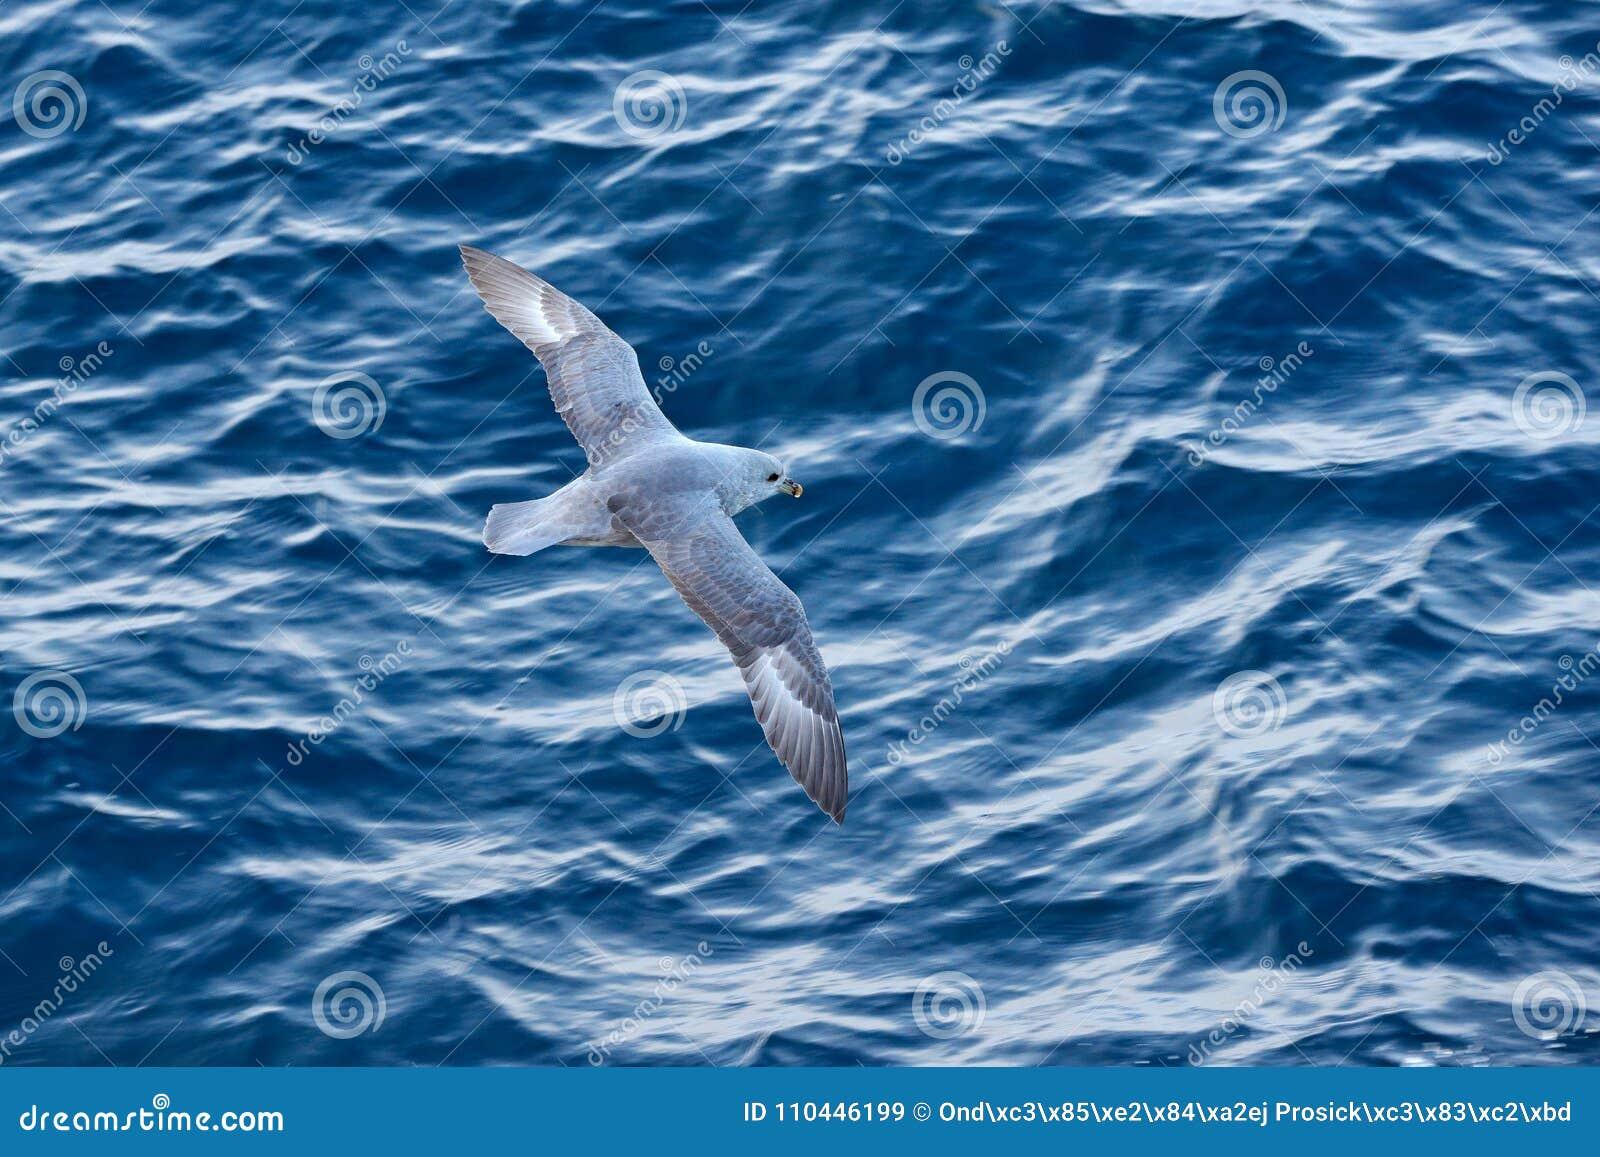 Птица океана Птица с голубым океаном Северный глупыш, glacialis Fulmarus, белая птица, открытое море, синий лед на заднем плане,